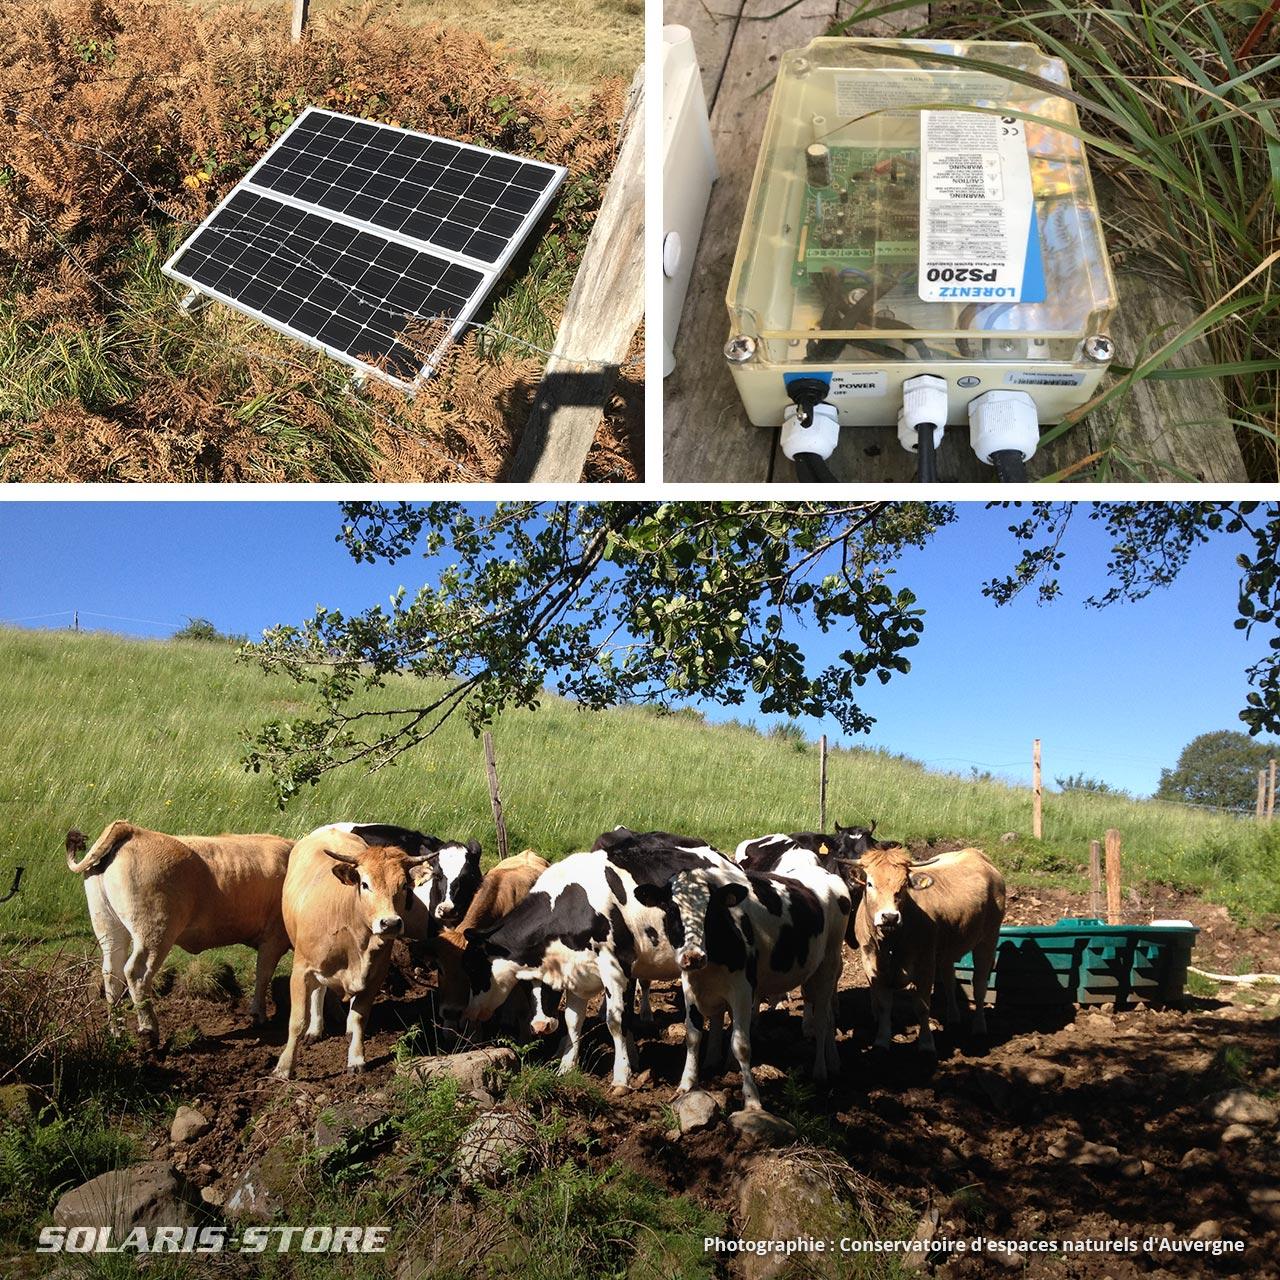 Alimentation en eau d'un abreuvoir photovoltaïque pour un troupeau de vache